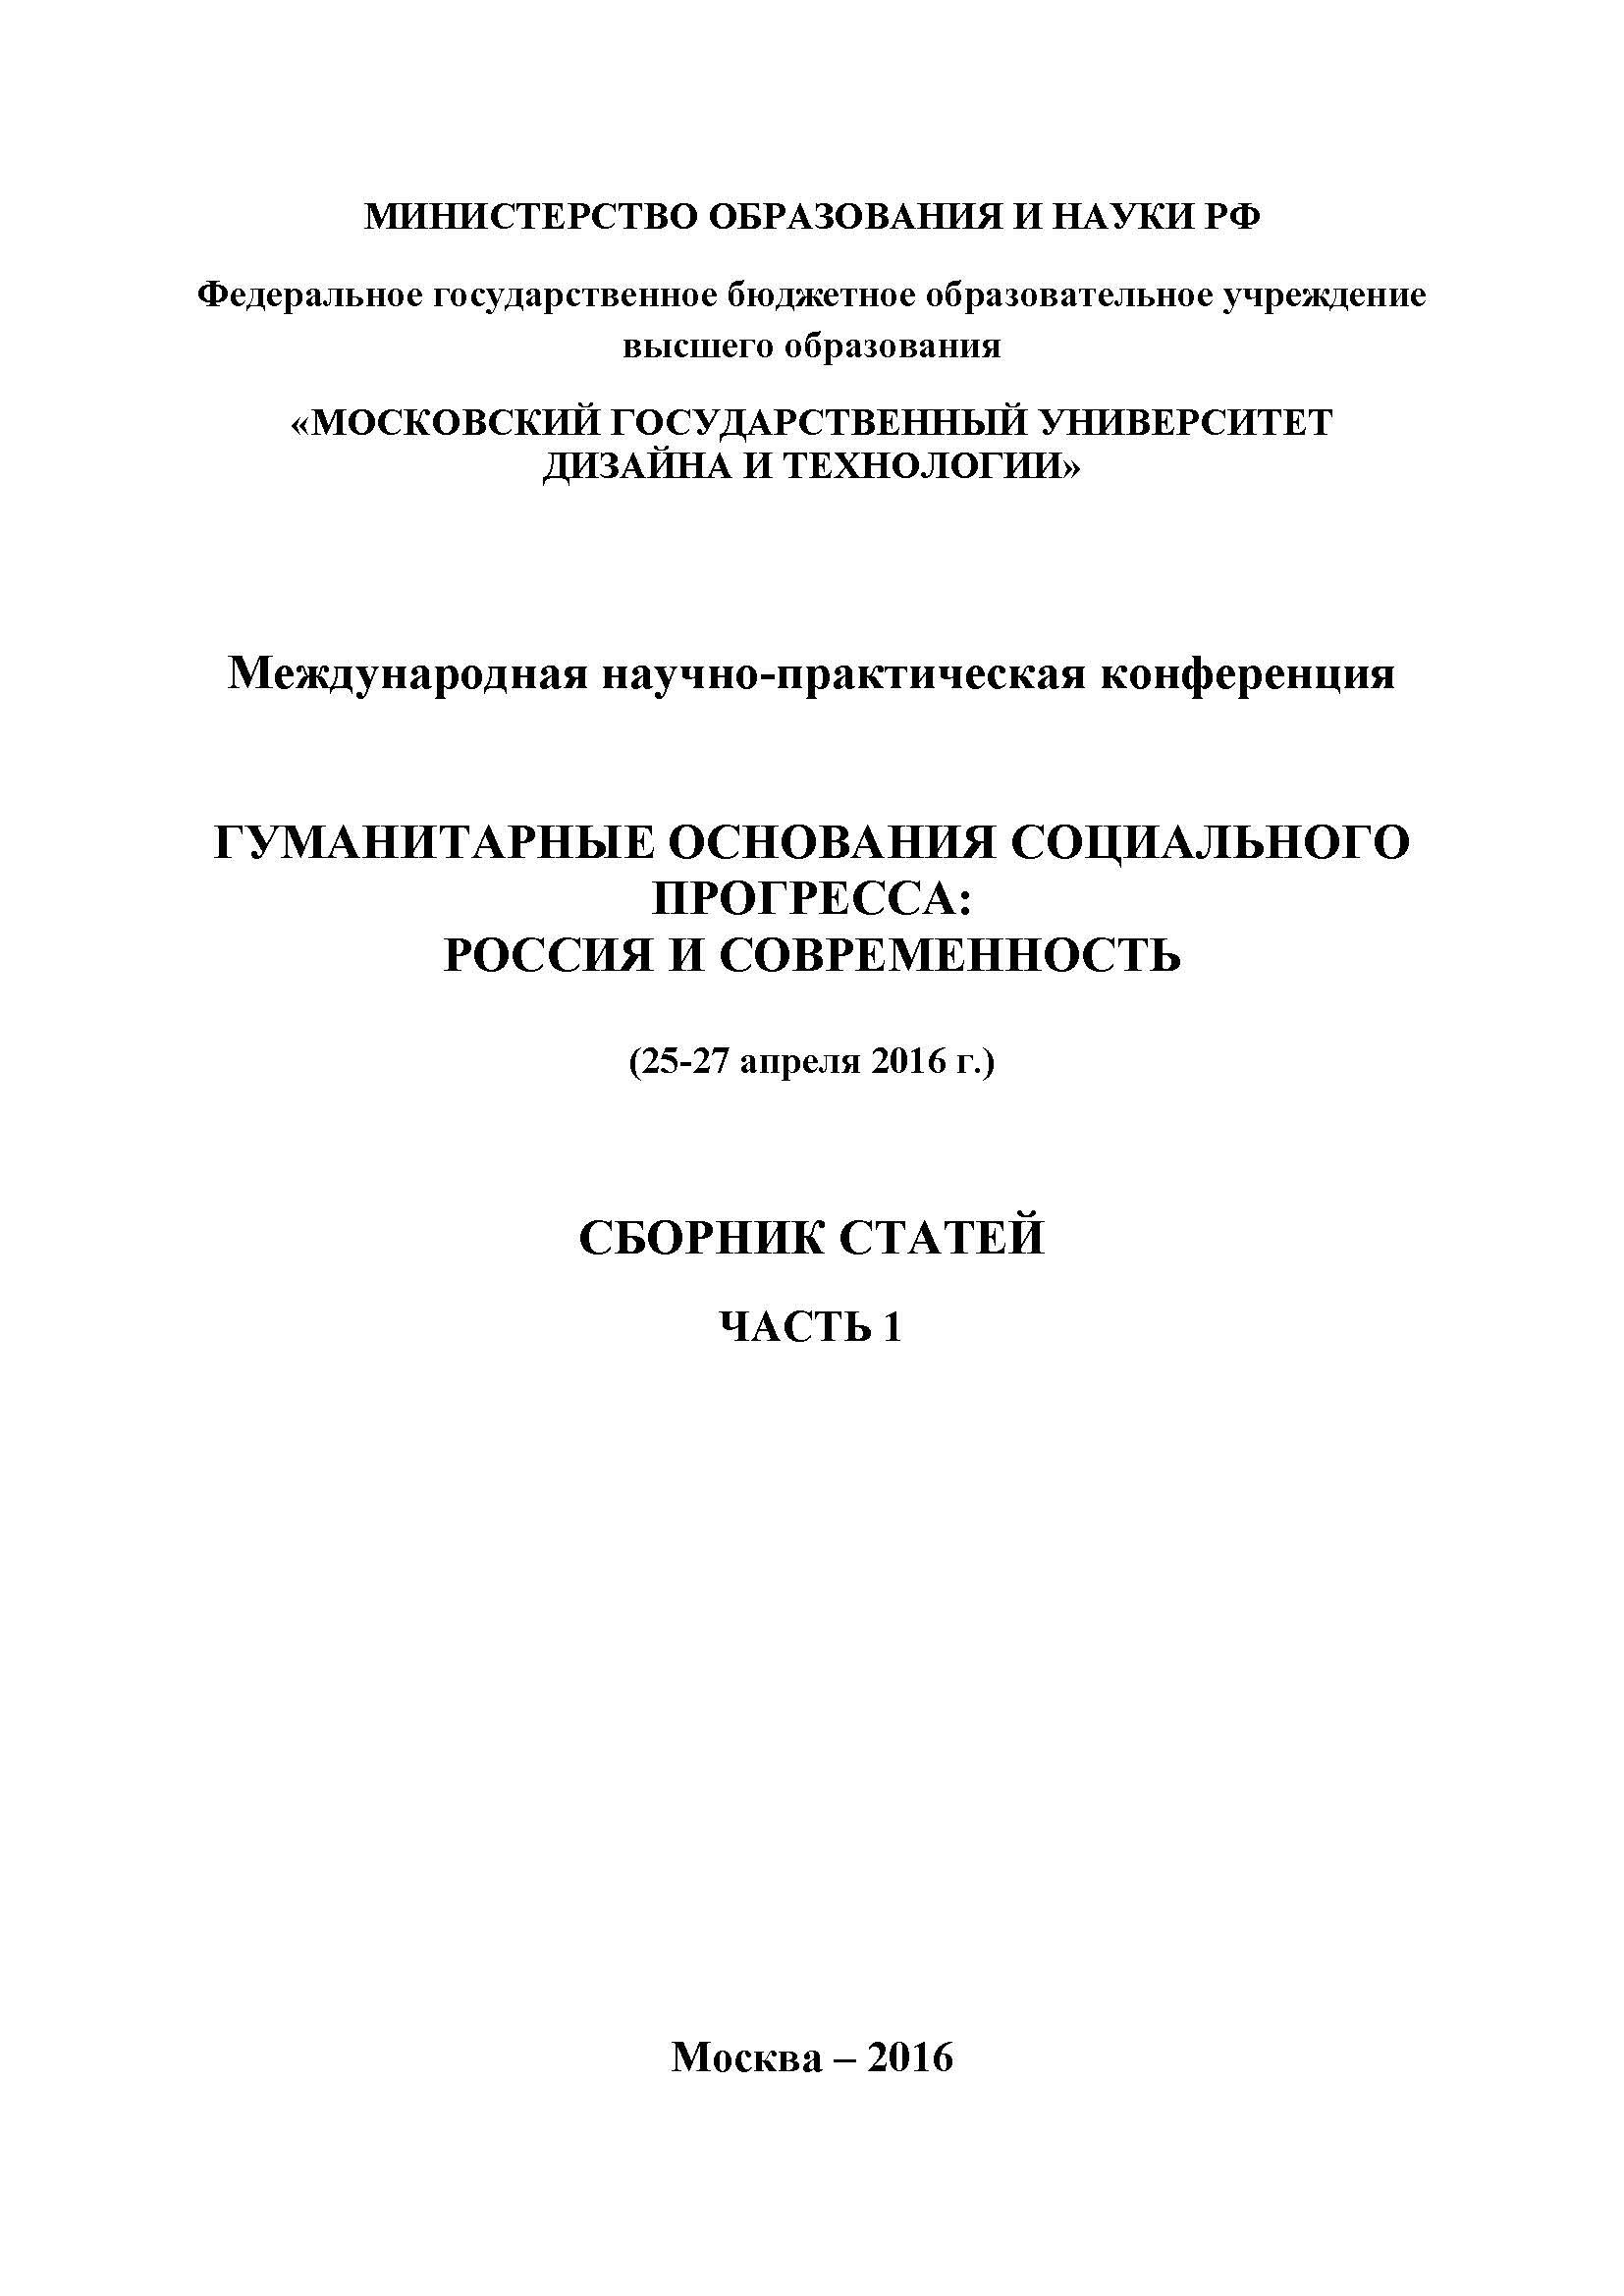 Методологические аспекты взаимодействия психологии и философии в российском человекознании